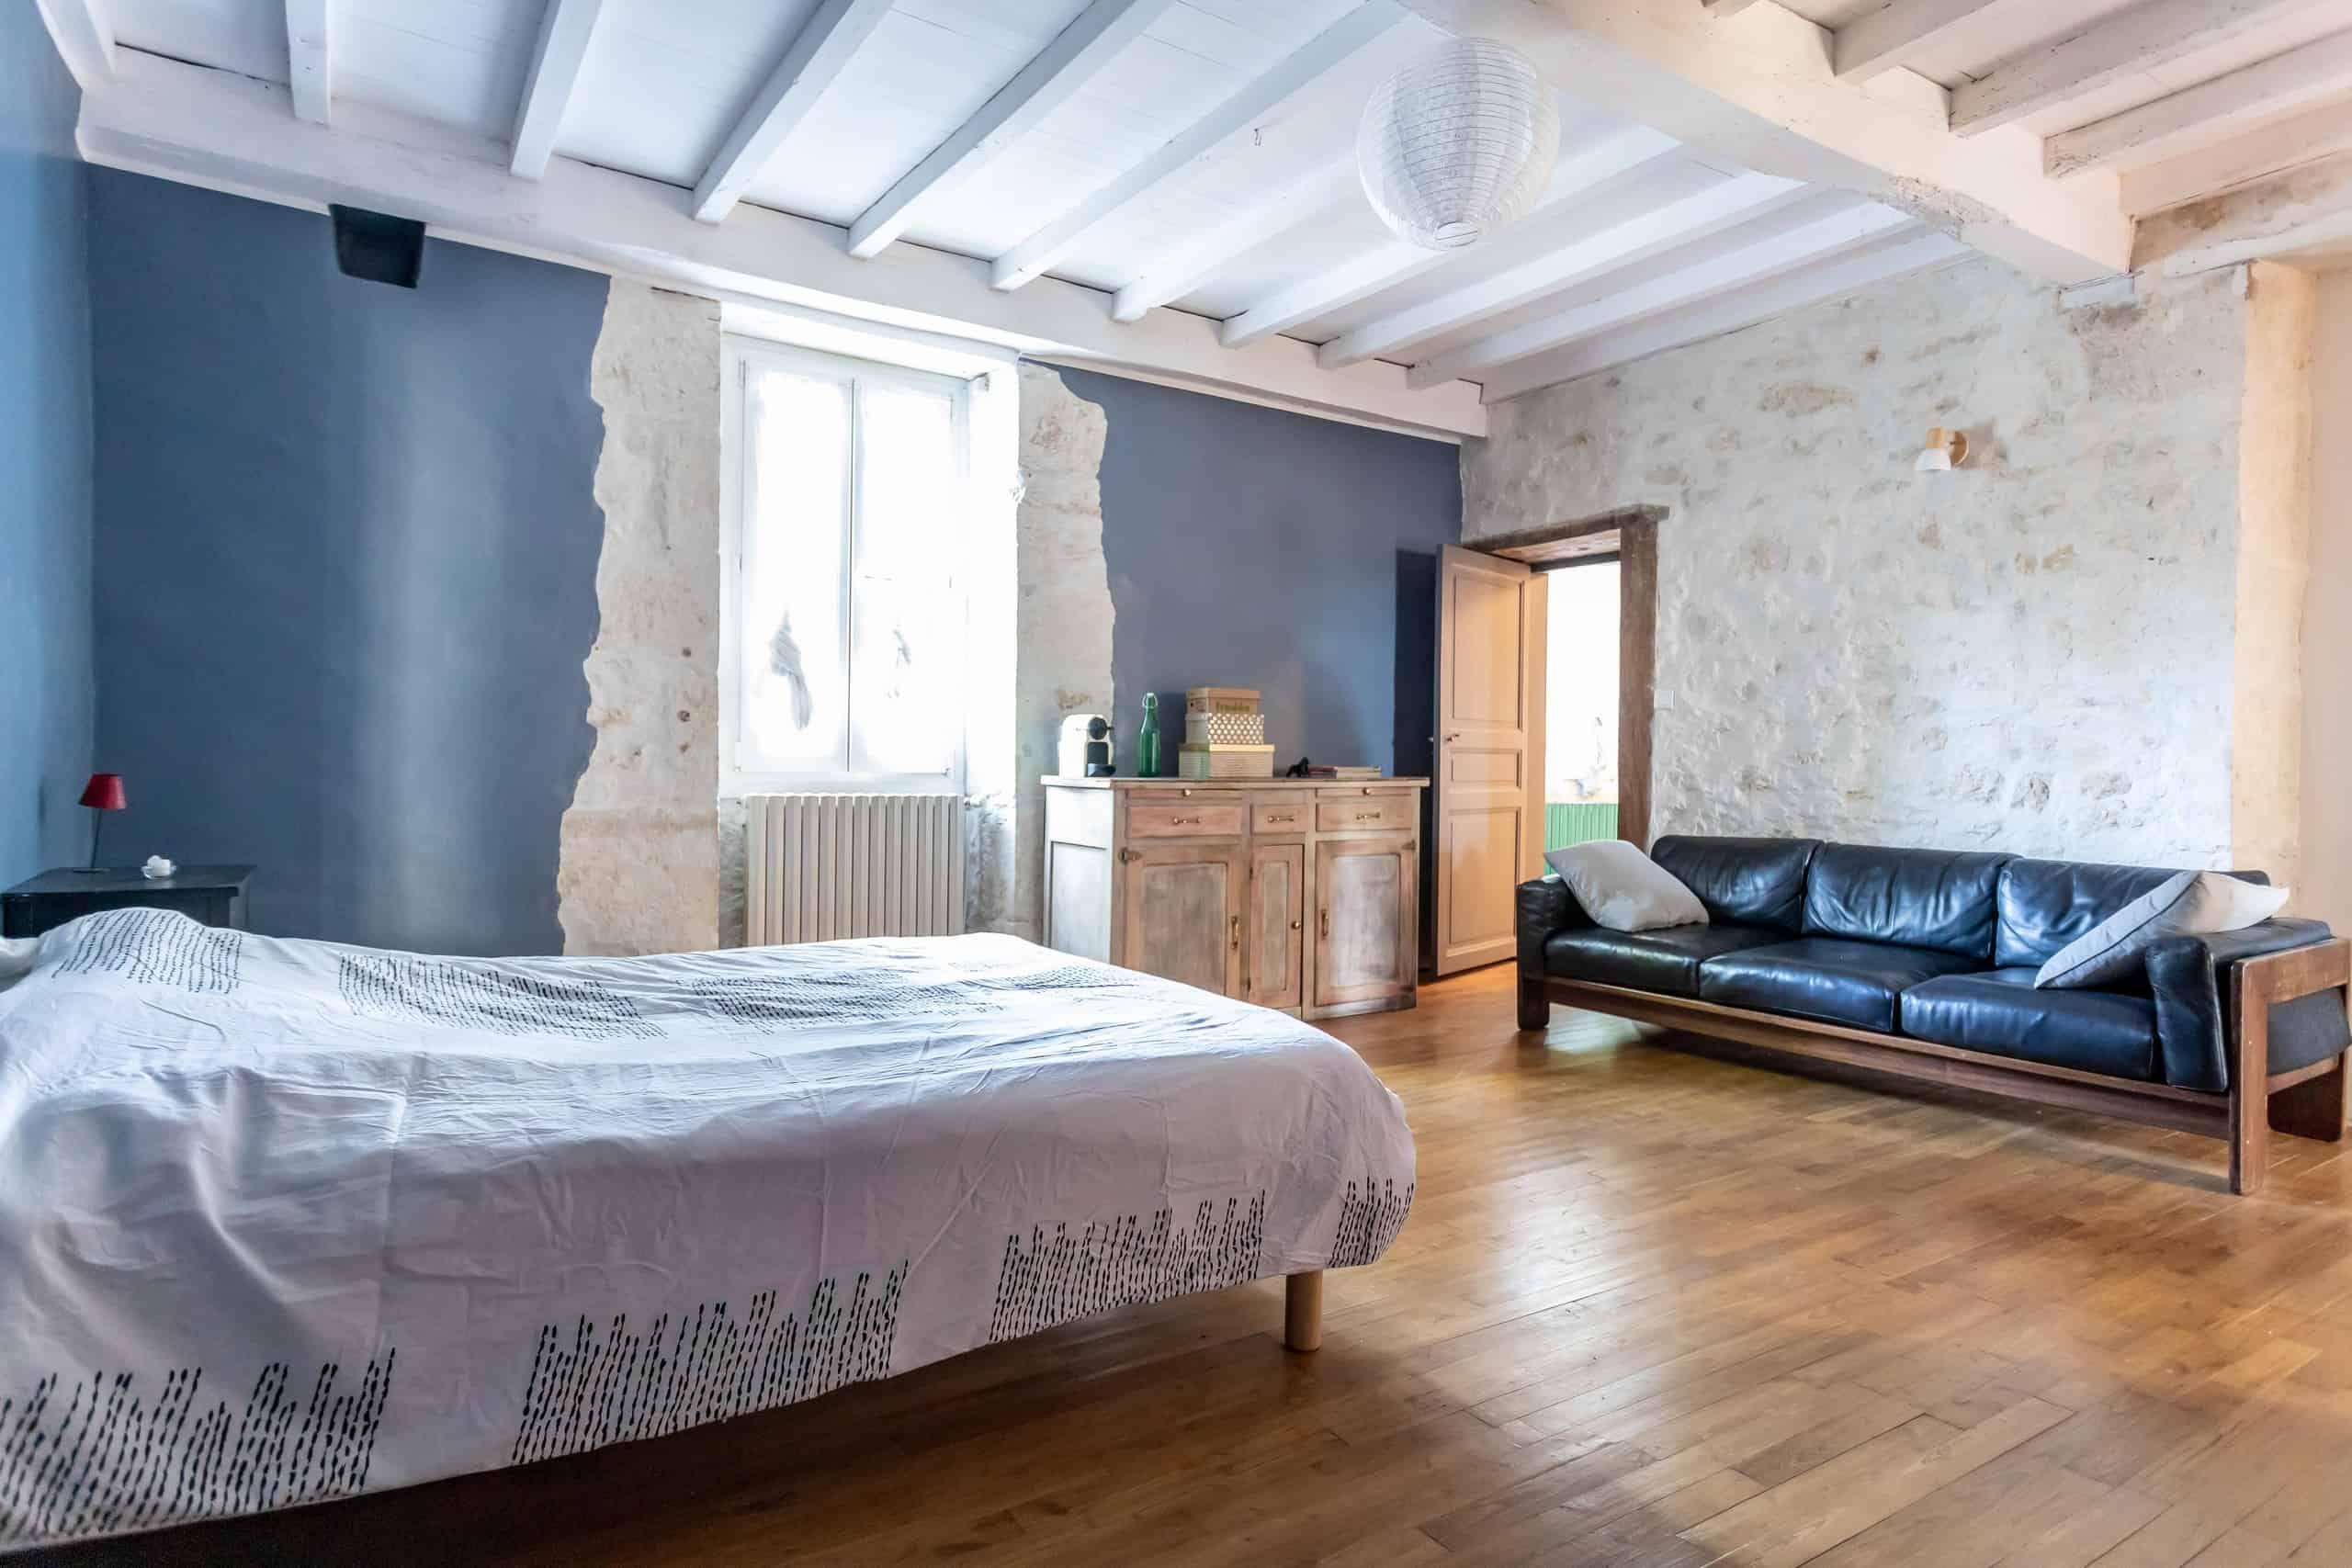 Bedroom-2-WMC105